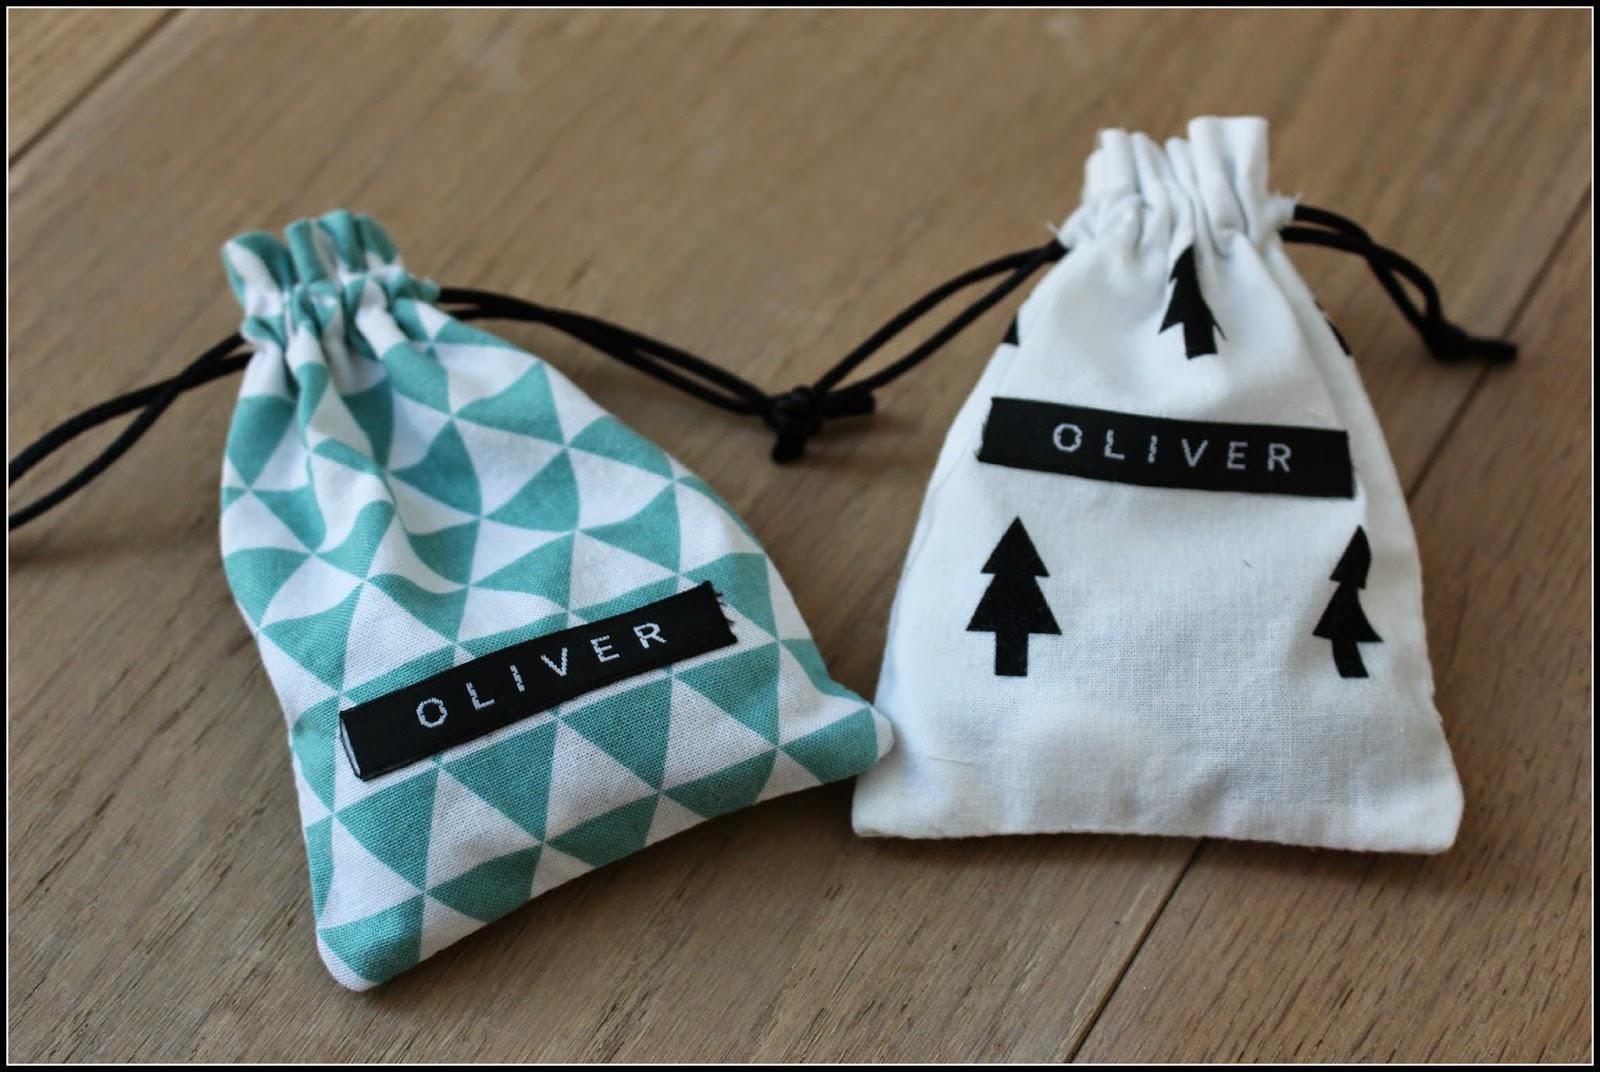 Handleiding suikerbonen zakjes naaien tutorial how to sew small string bags - Hoe een kleine studio te ontwikkelen ...